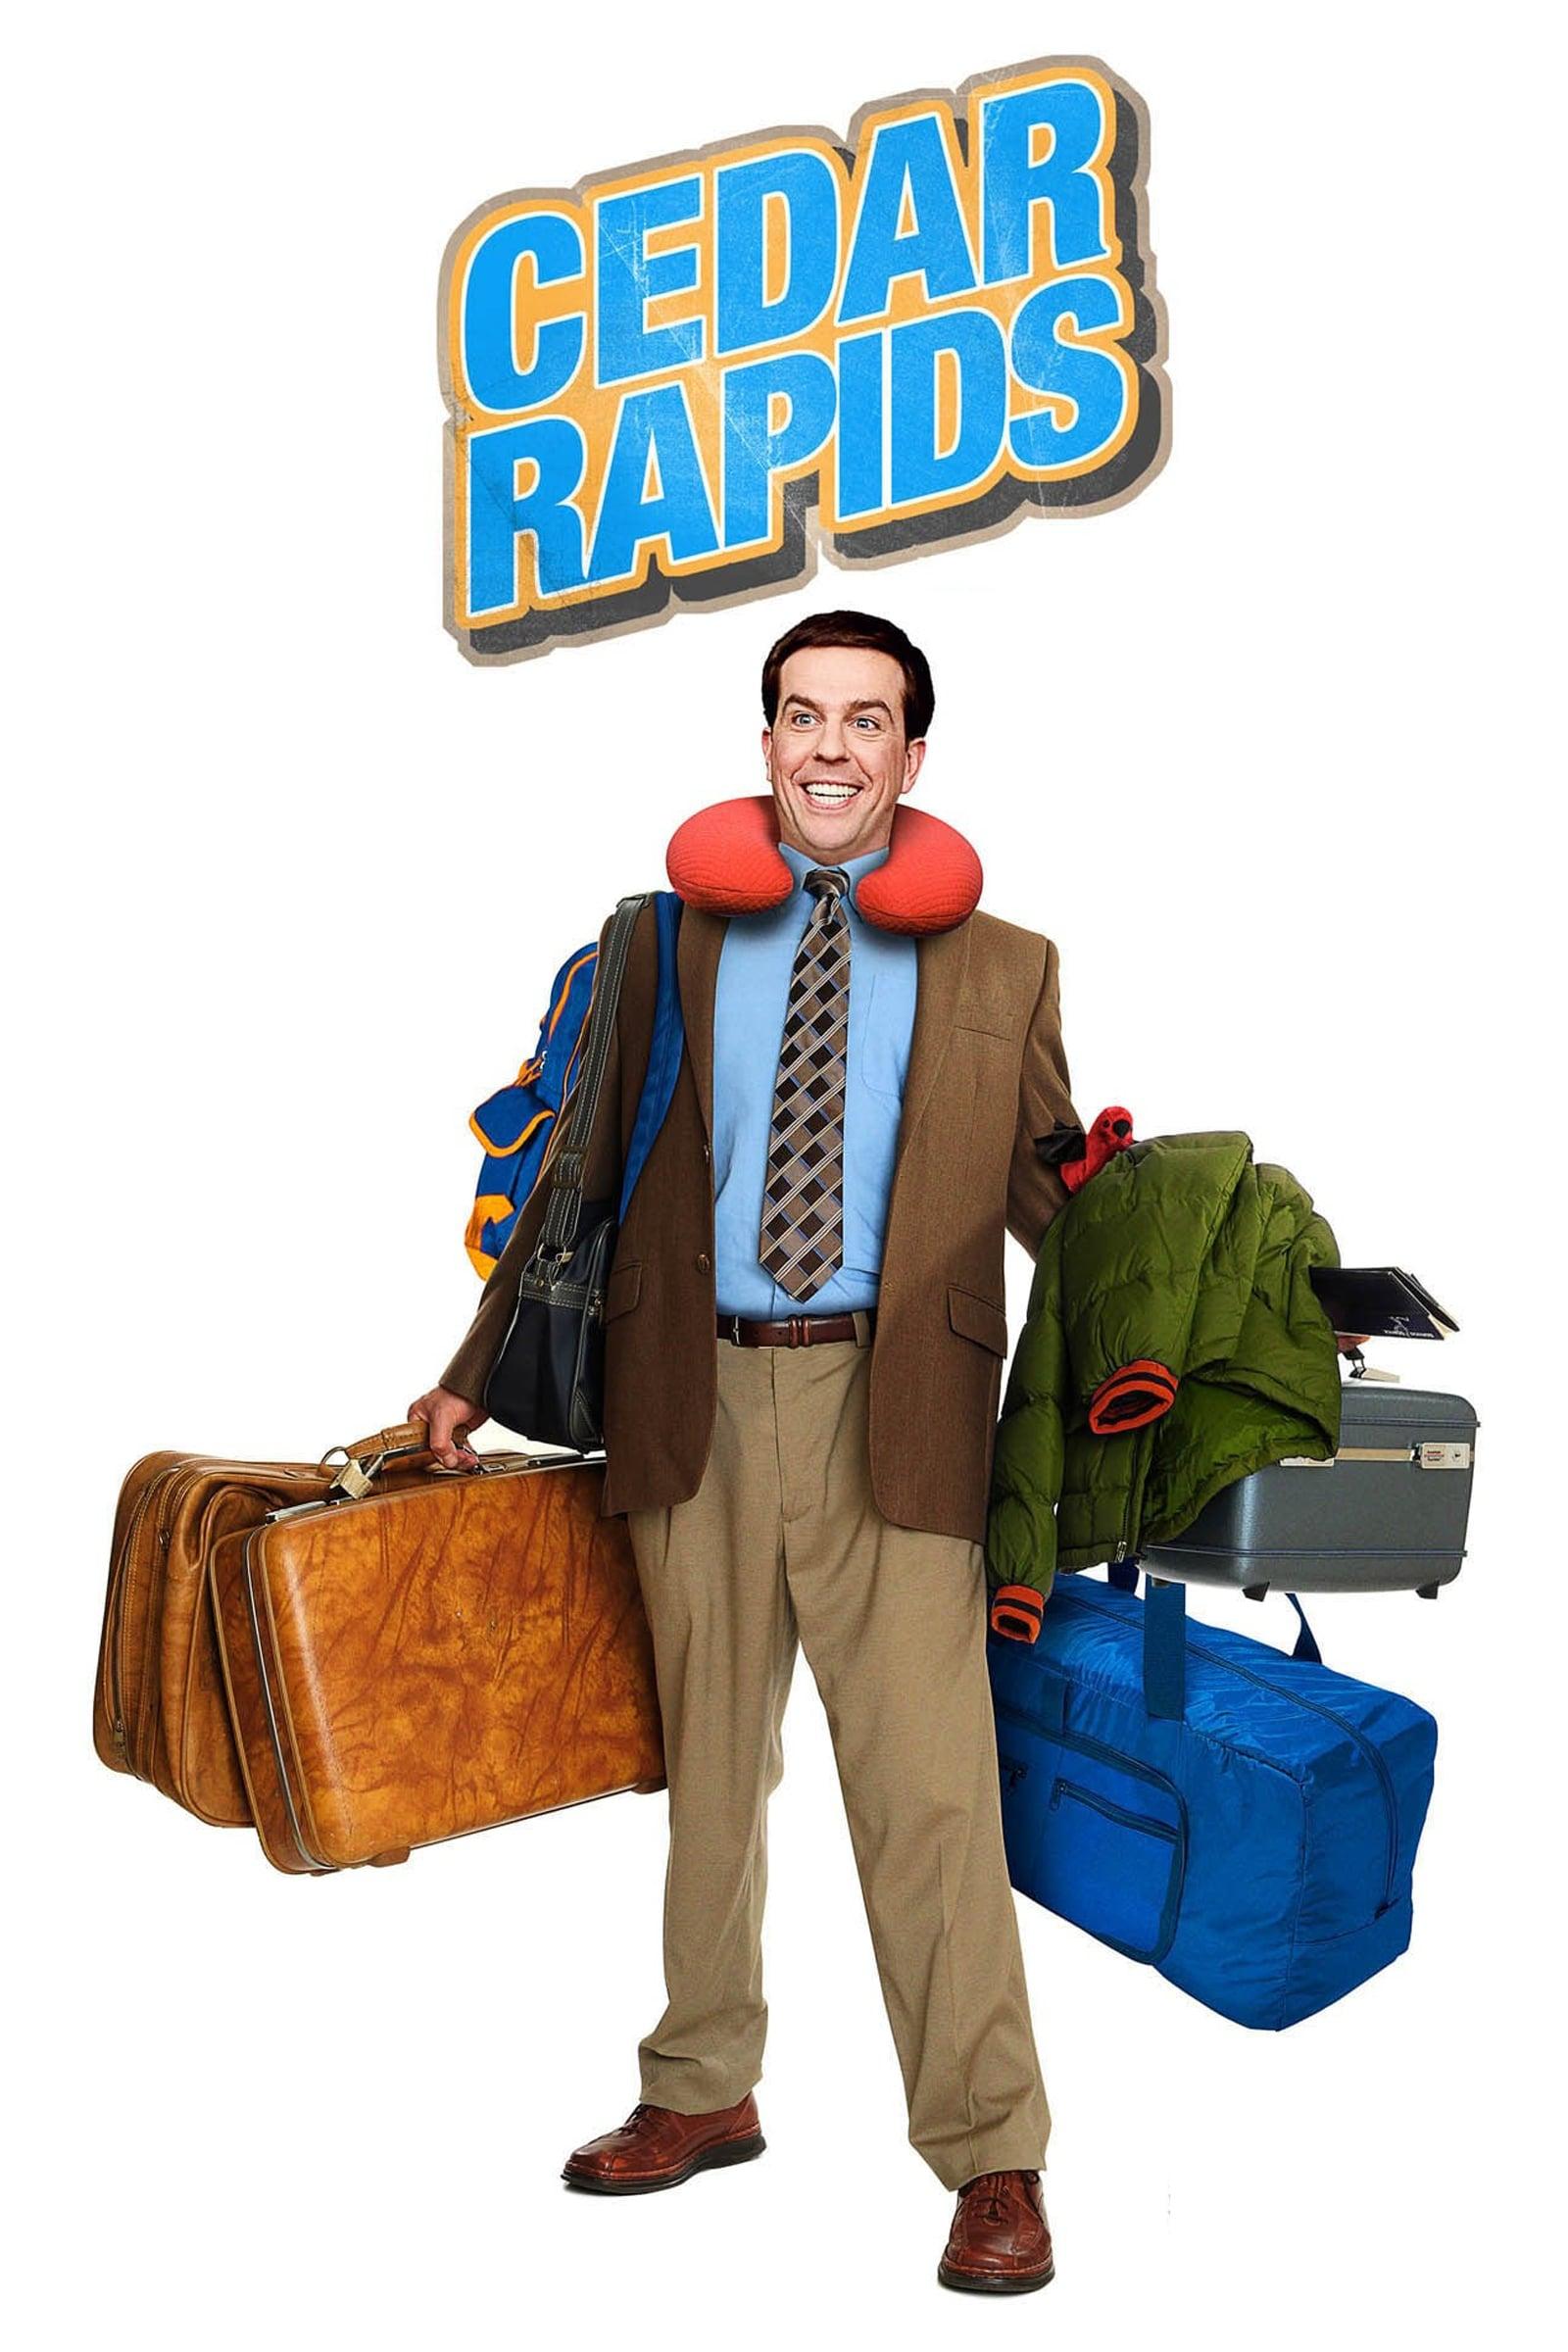 Bem-vindo a Cedar Rapids